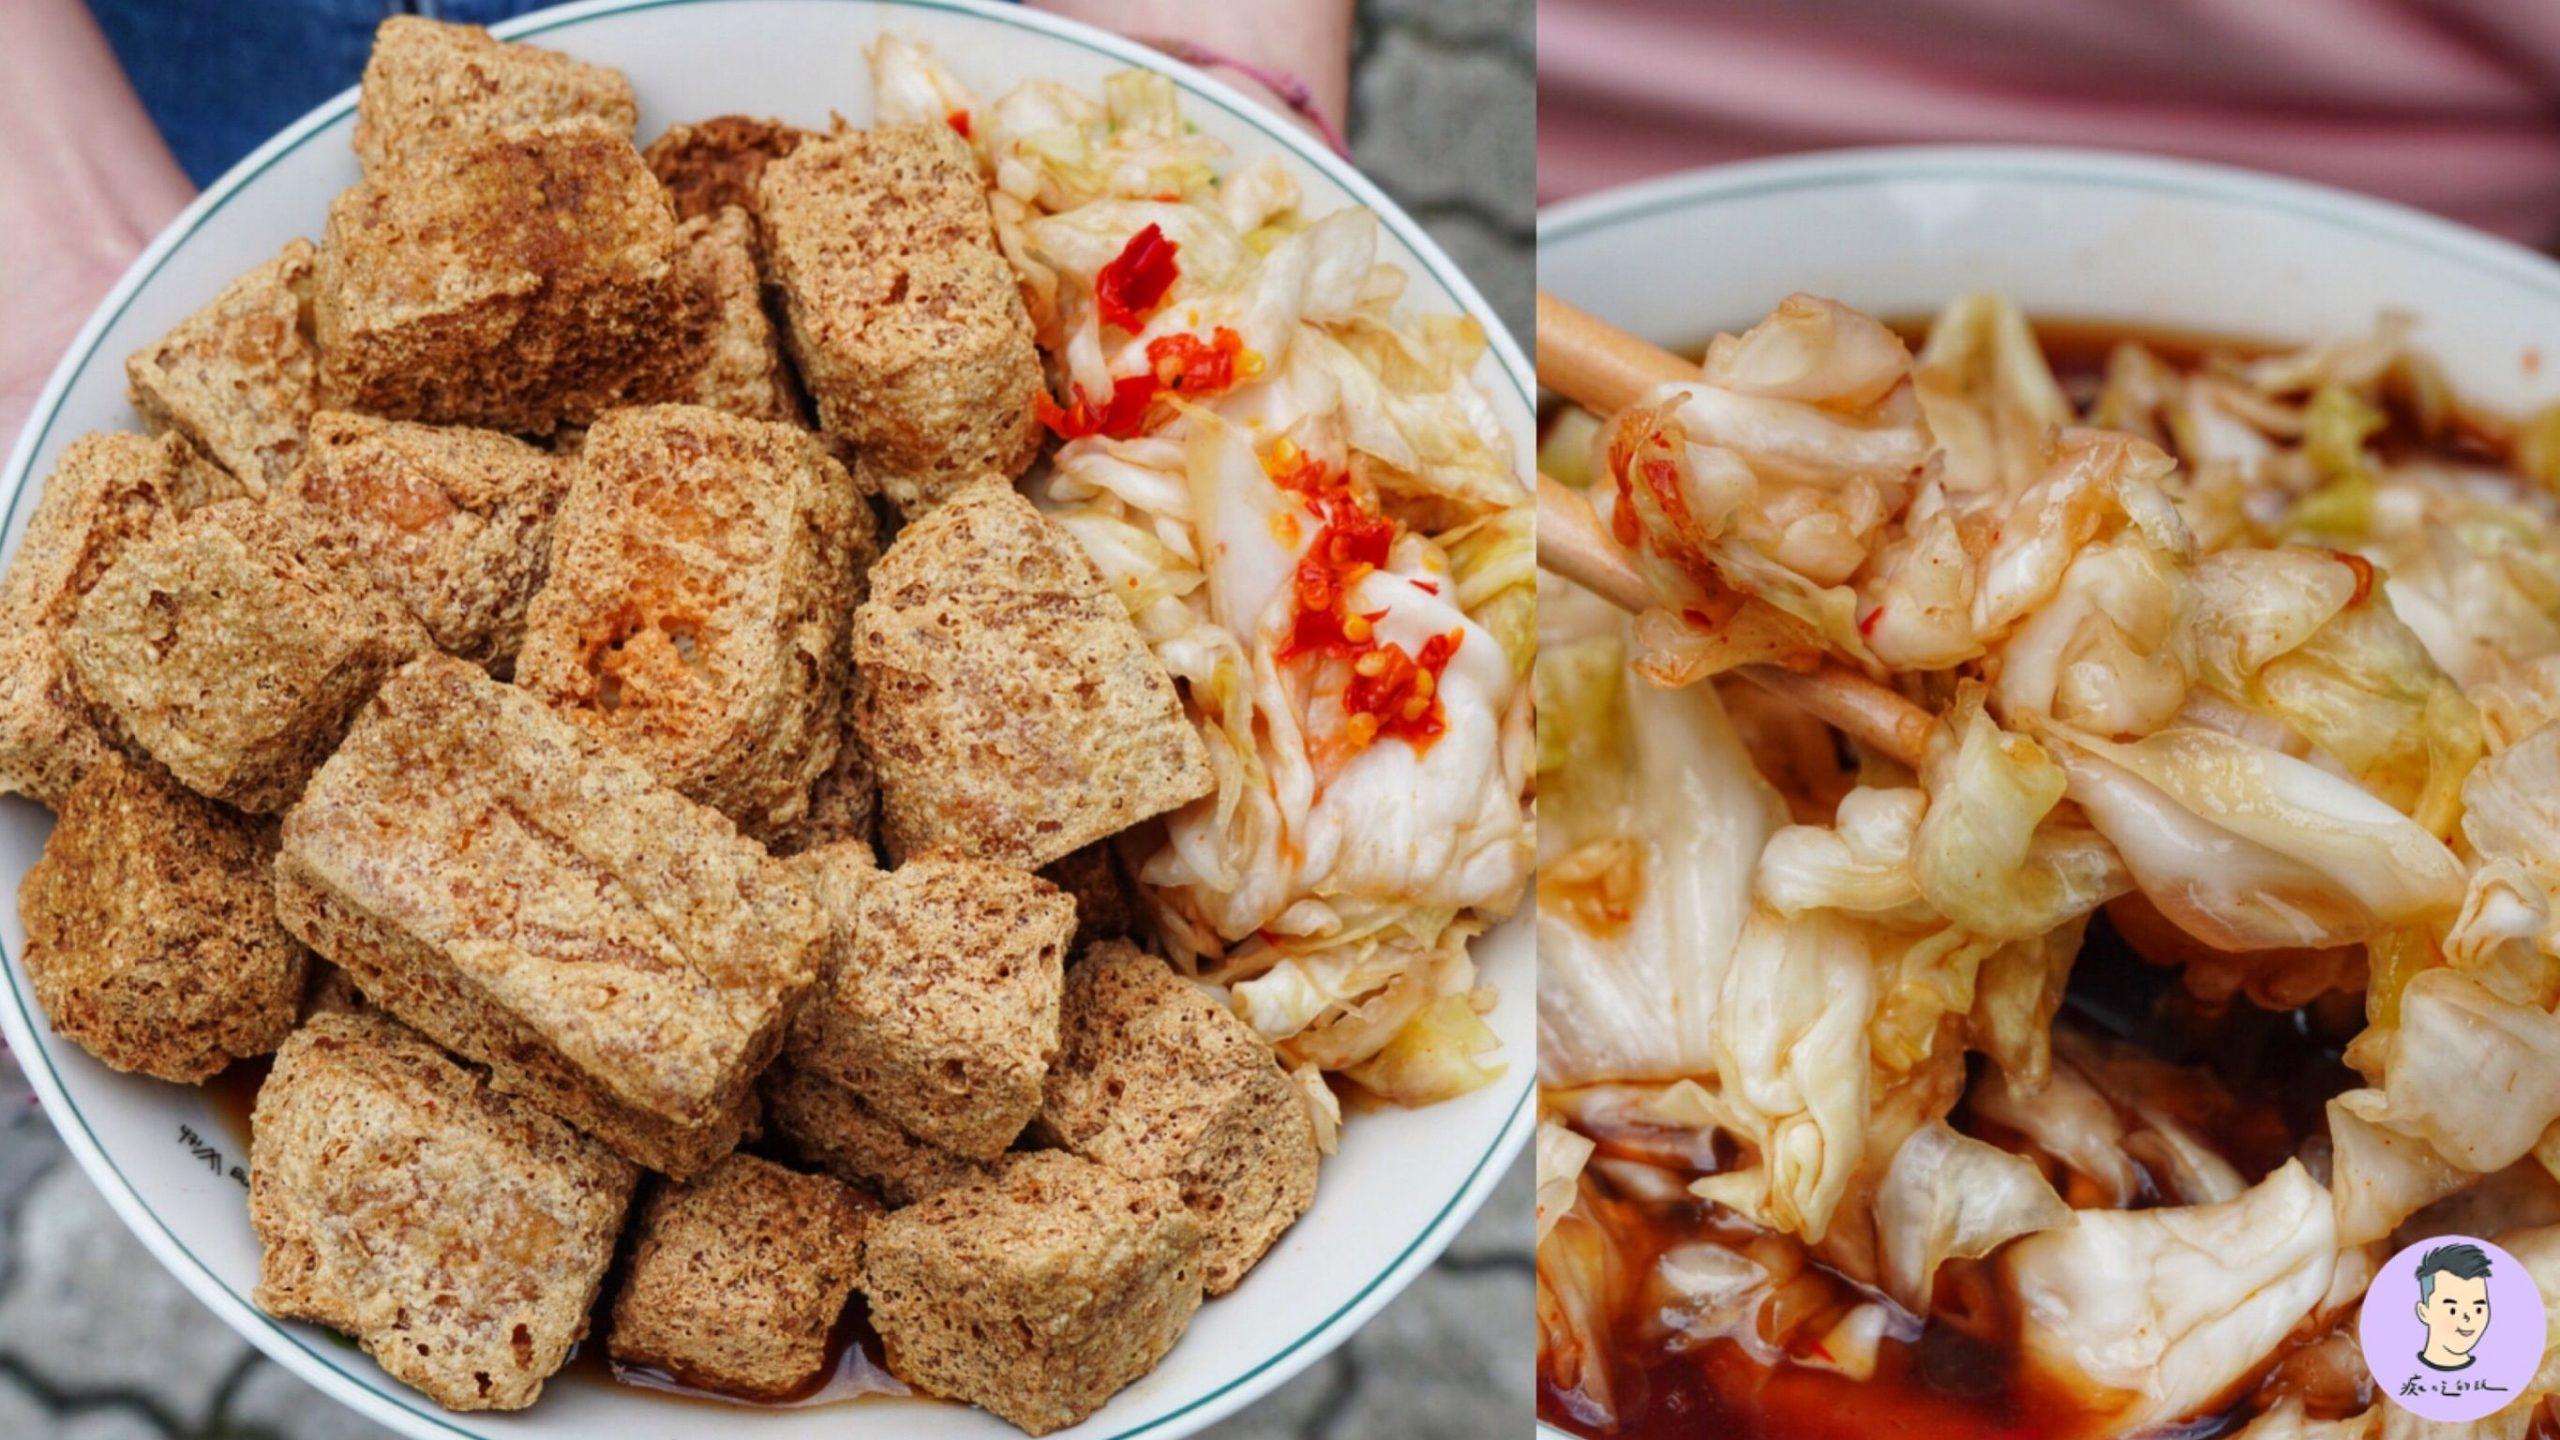 【台南美食】天品臭豆腐 內行人都吃這間隱藏版臭豆腐!炸超酥脆配泡菜根本神美味